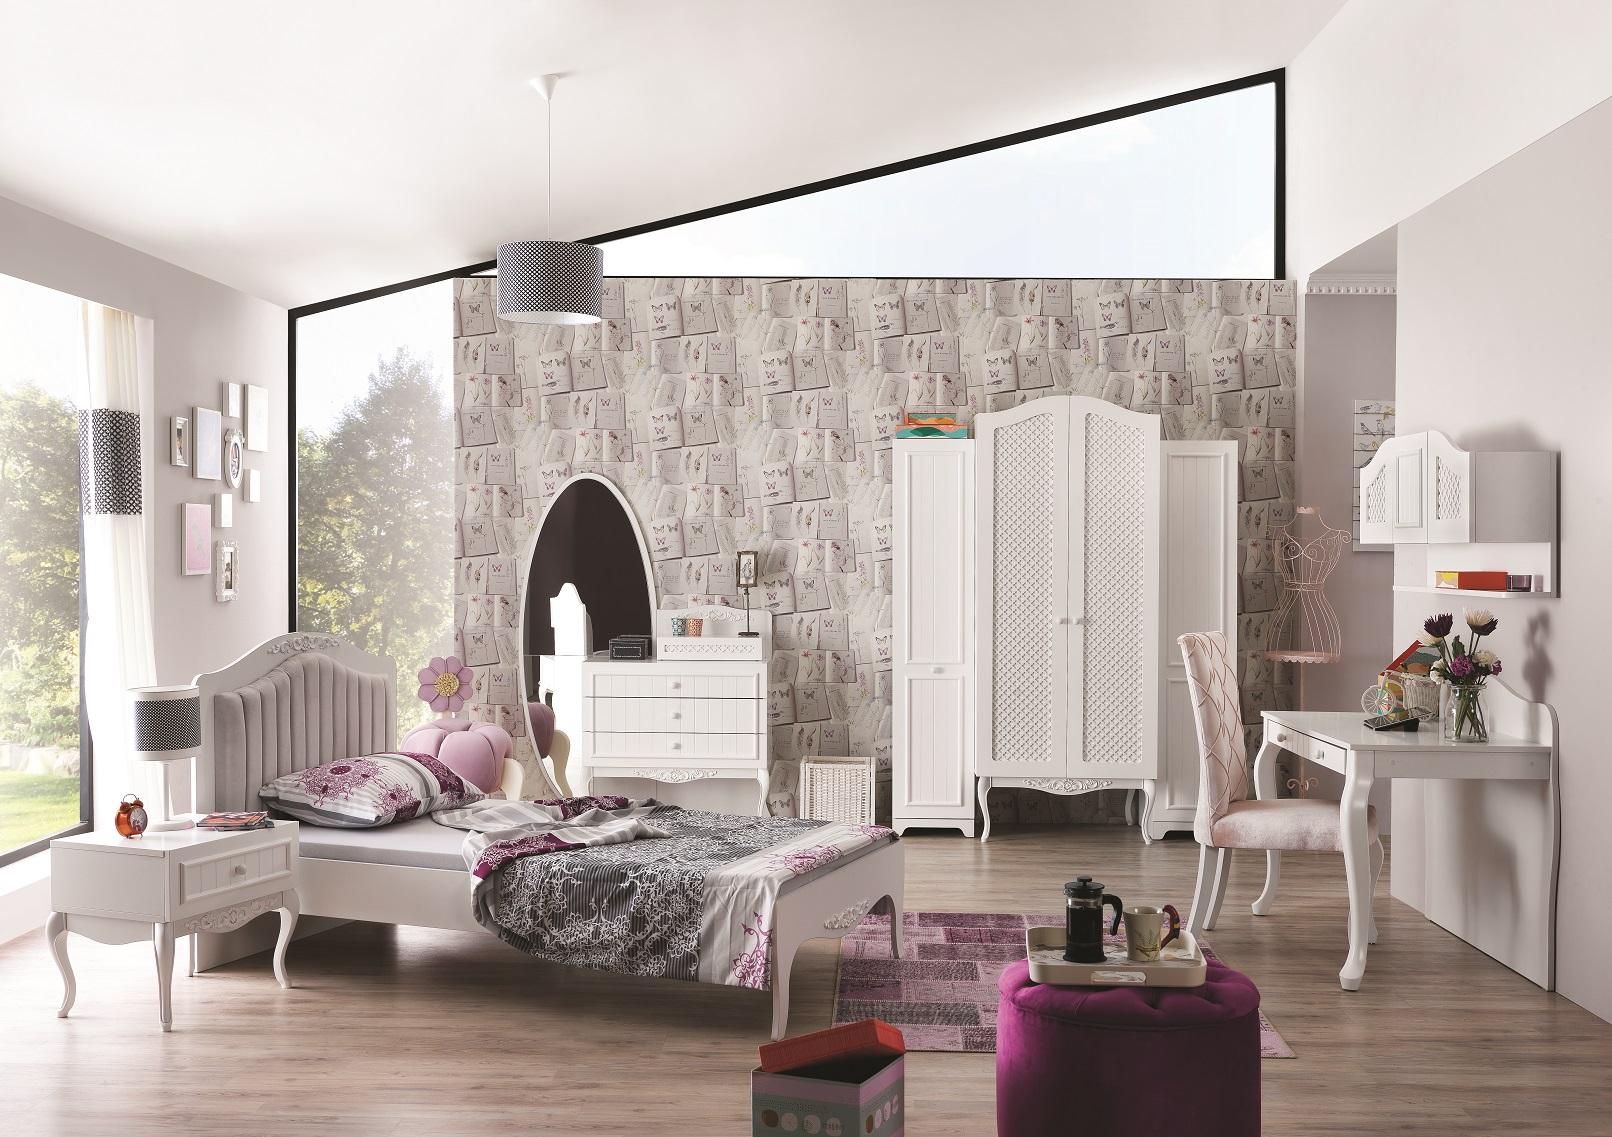 Full Size of Mädchenbetten Kinderbett Mdchenbett In Wei Wohnzimmer Mädchenbetten